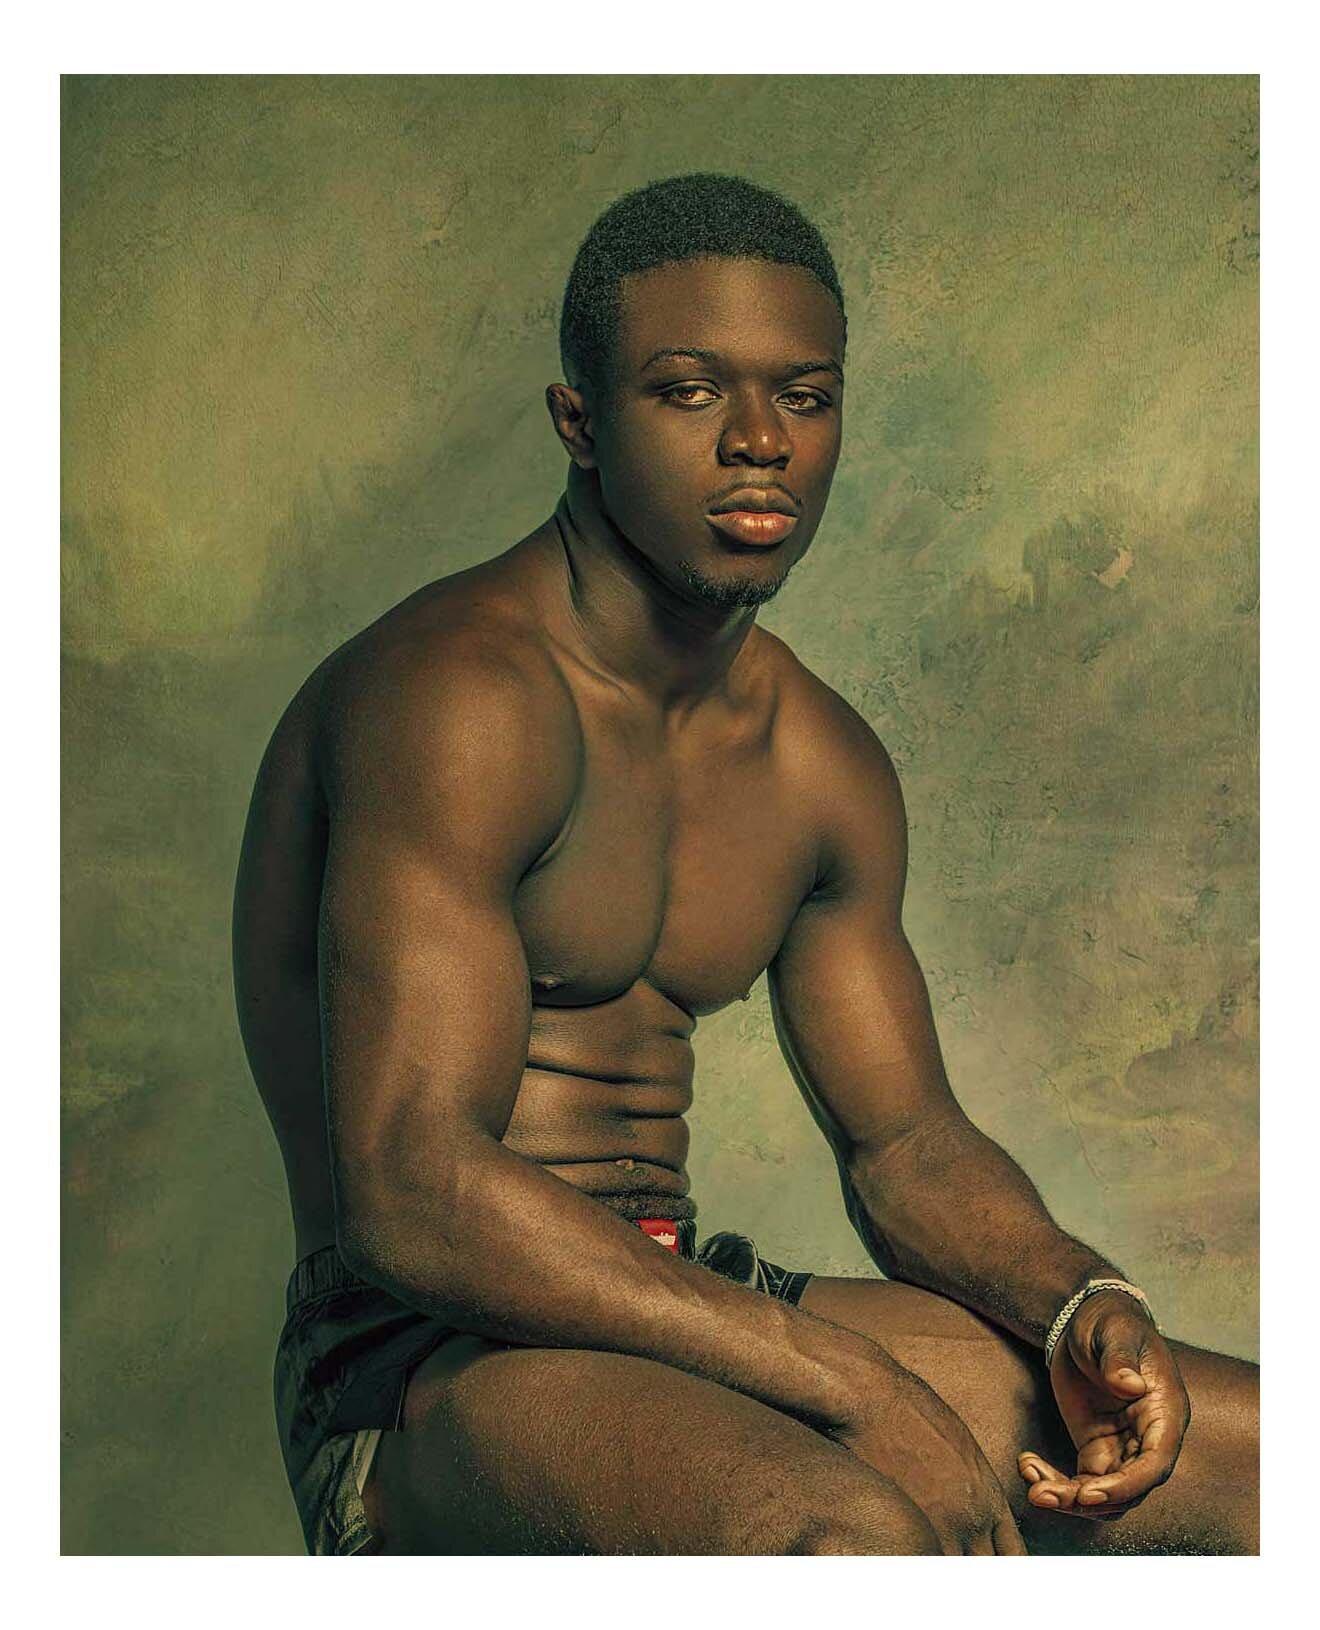 male nude art by troy schooneman.jpg